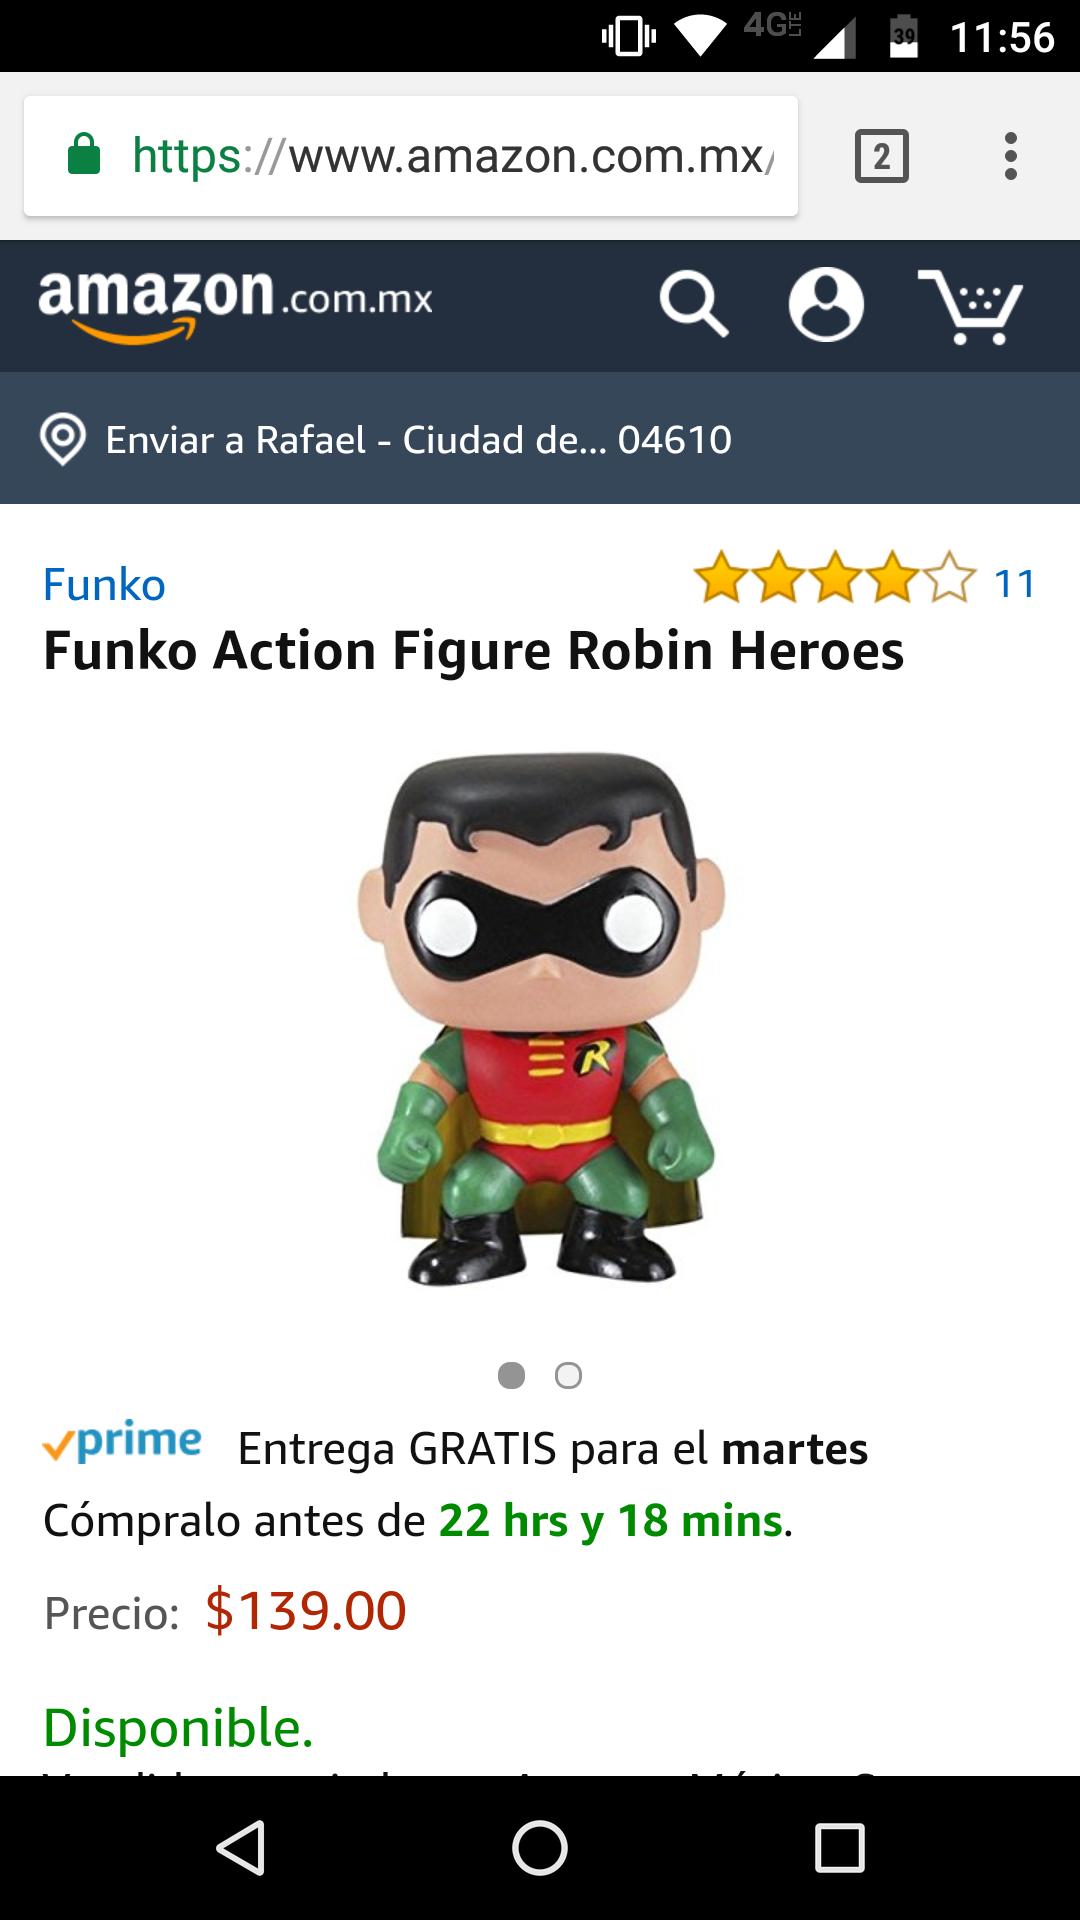 Amazon: Funko de Robin Heroes 139 incluye envio